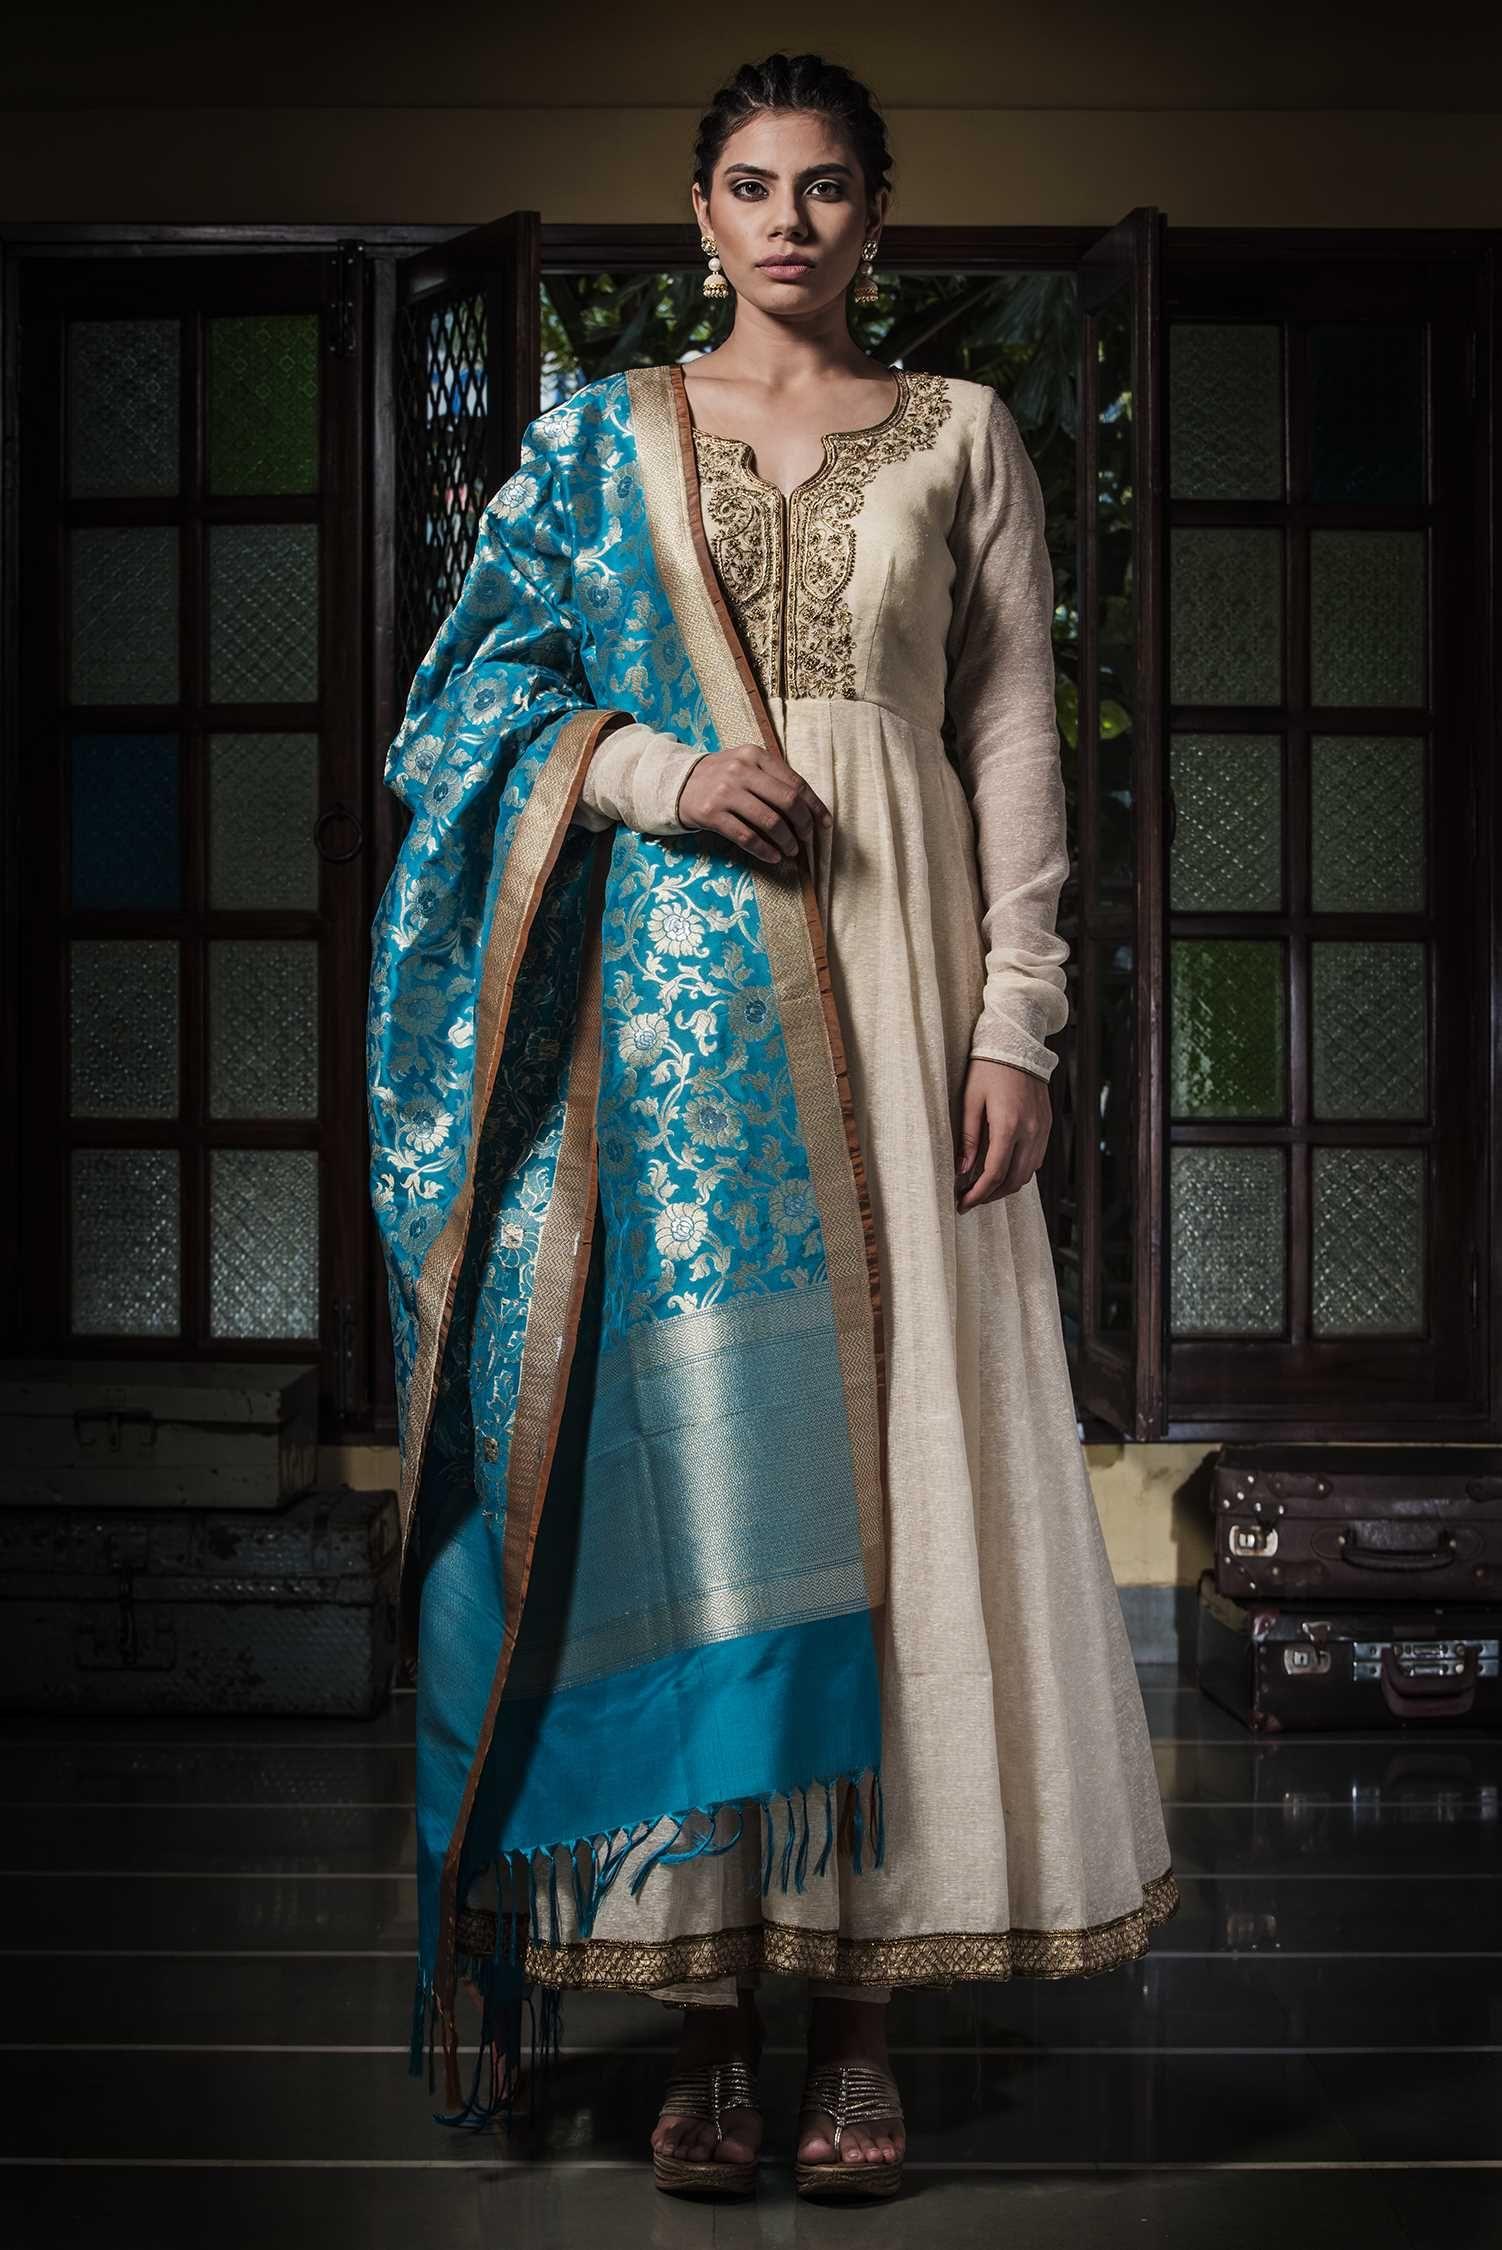 Salwar kameez darshi shah bhavin trivedi indian suits